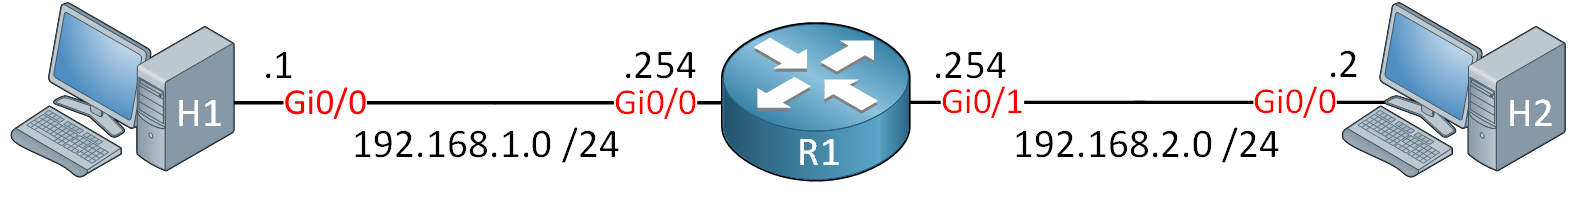 H1 R1 H2 Established Topology